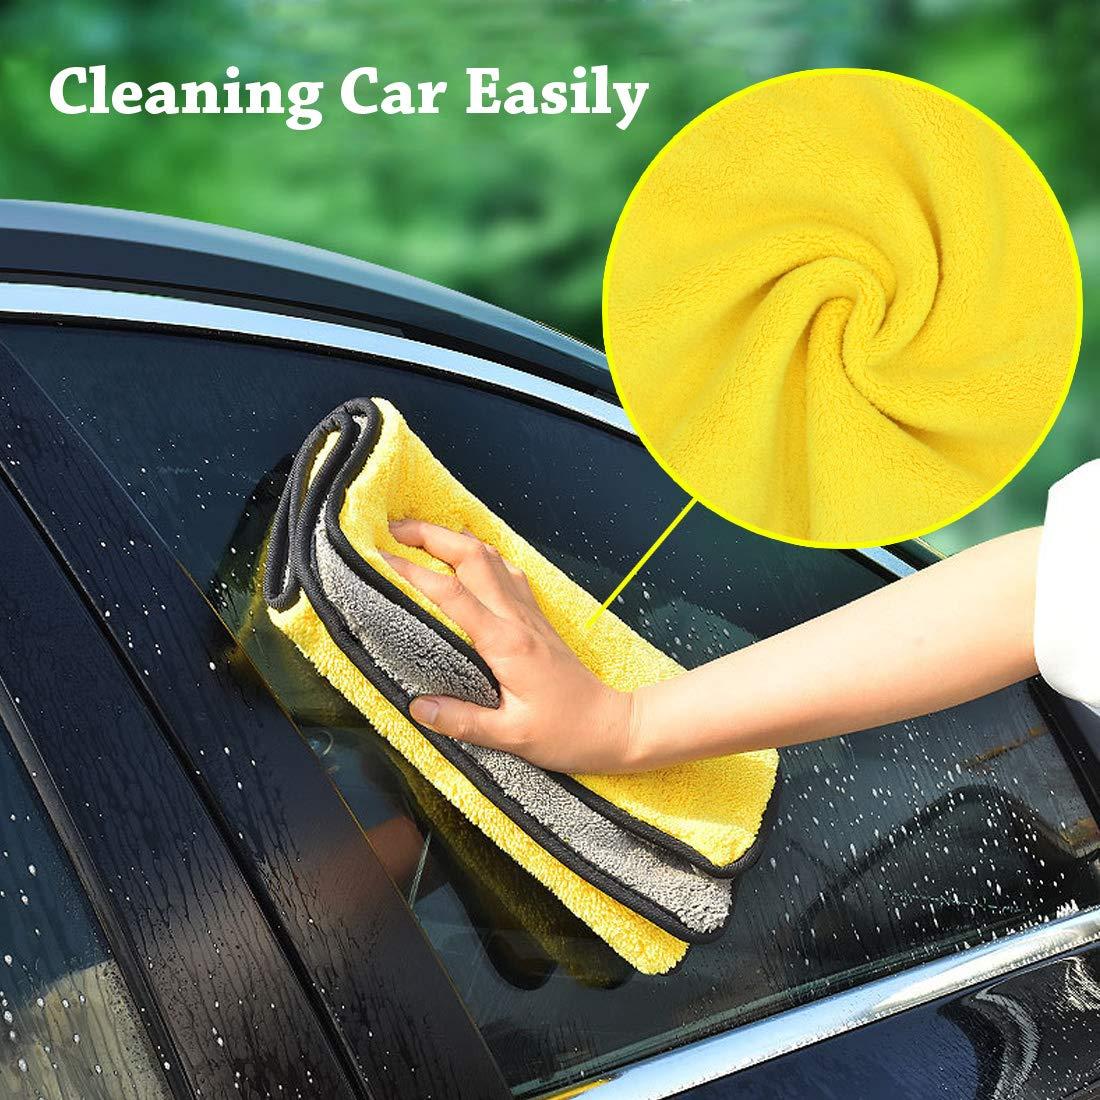 Hollyde Auto Asciugamano Panno in Microfibra Asciugamano ad Asciugatura Ultra-densa a Doppio Strato per lucidatura e Lavaggio della casa e Dettagli 2 Pacco